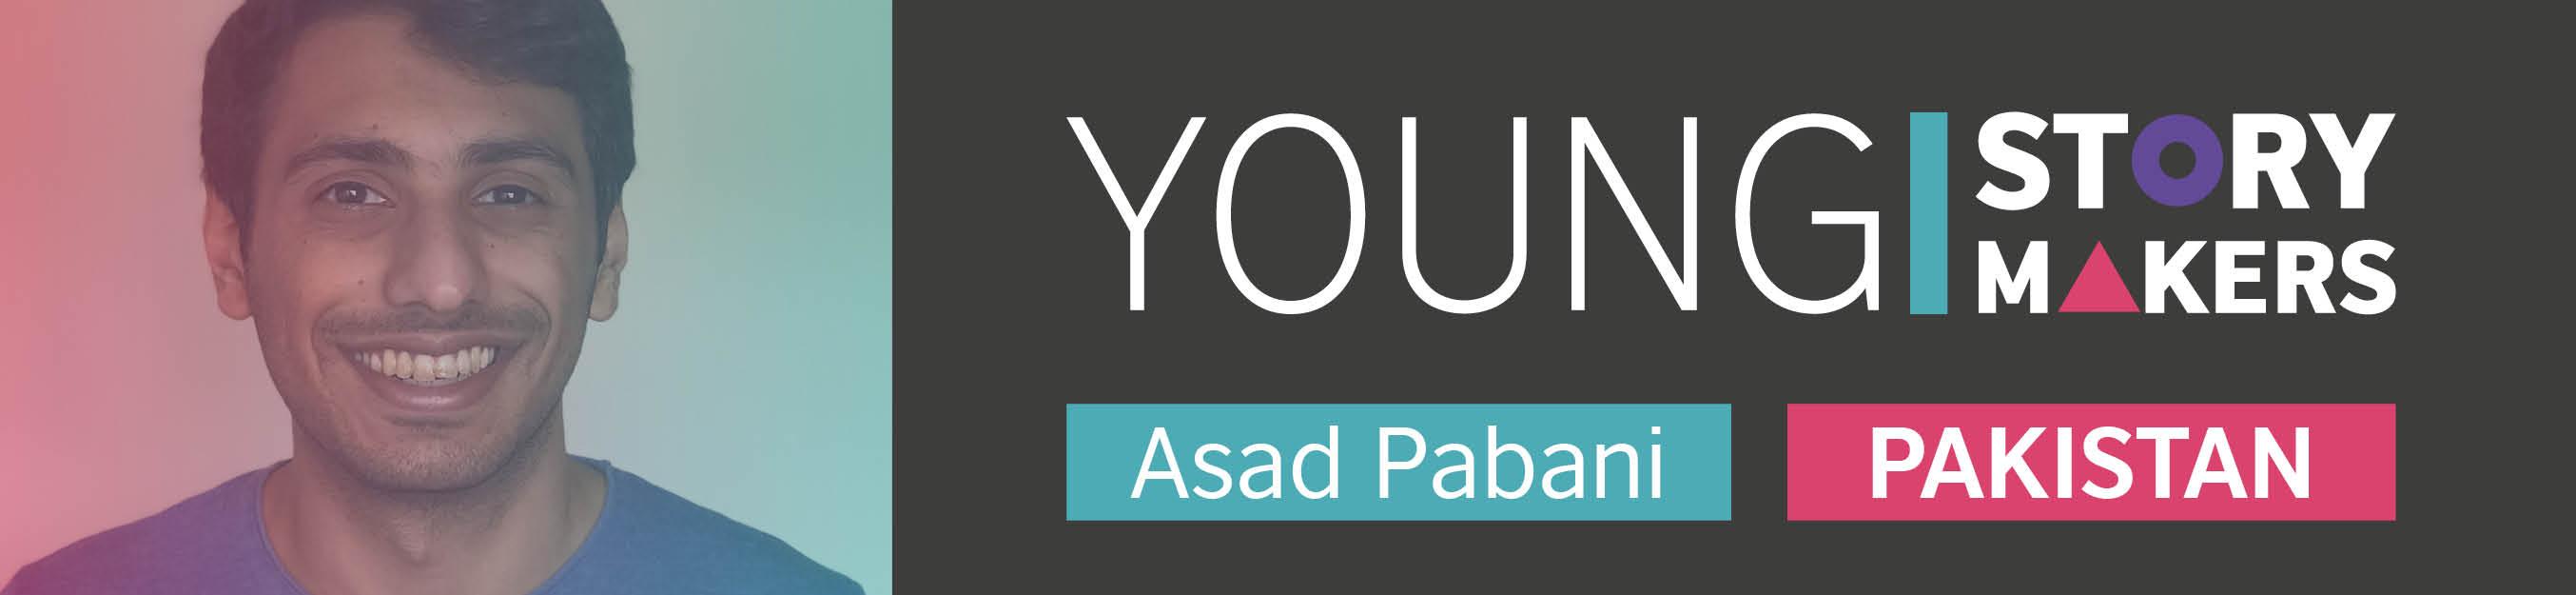 Young Storymaker Asad Pabani